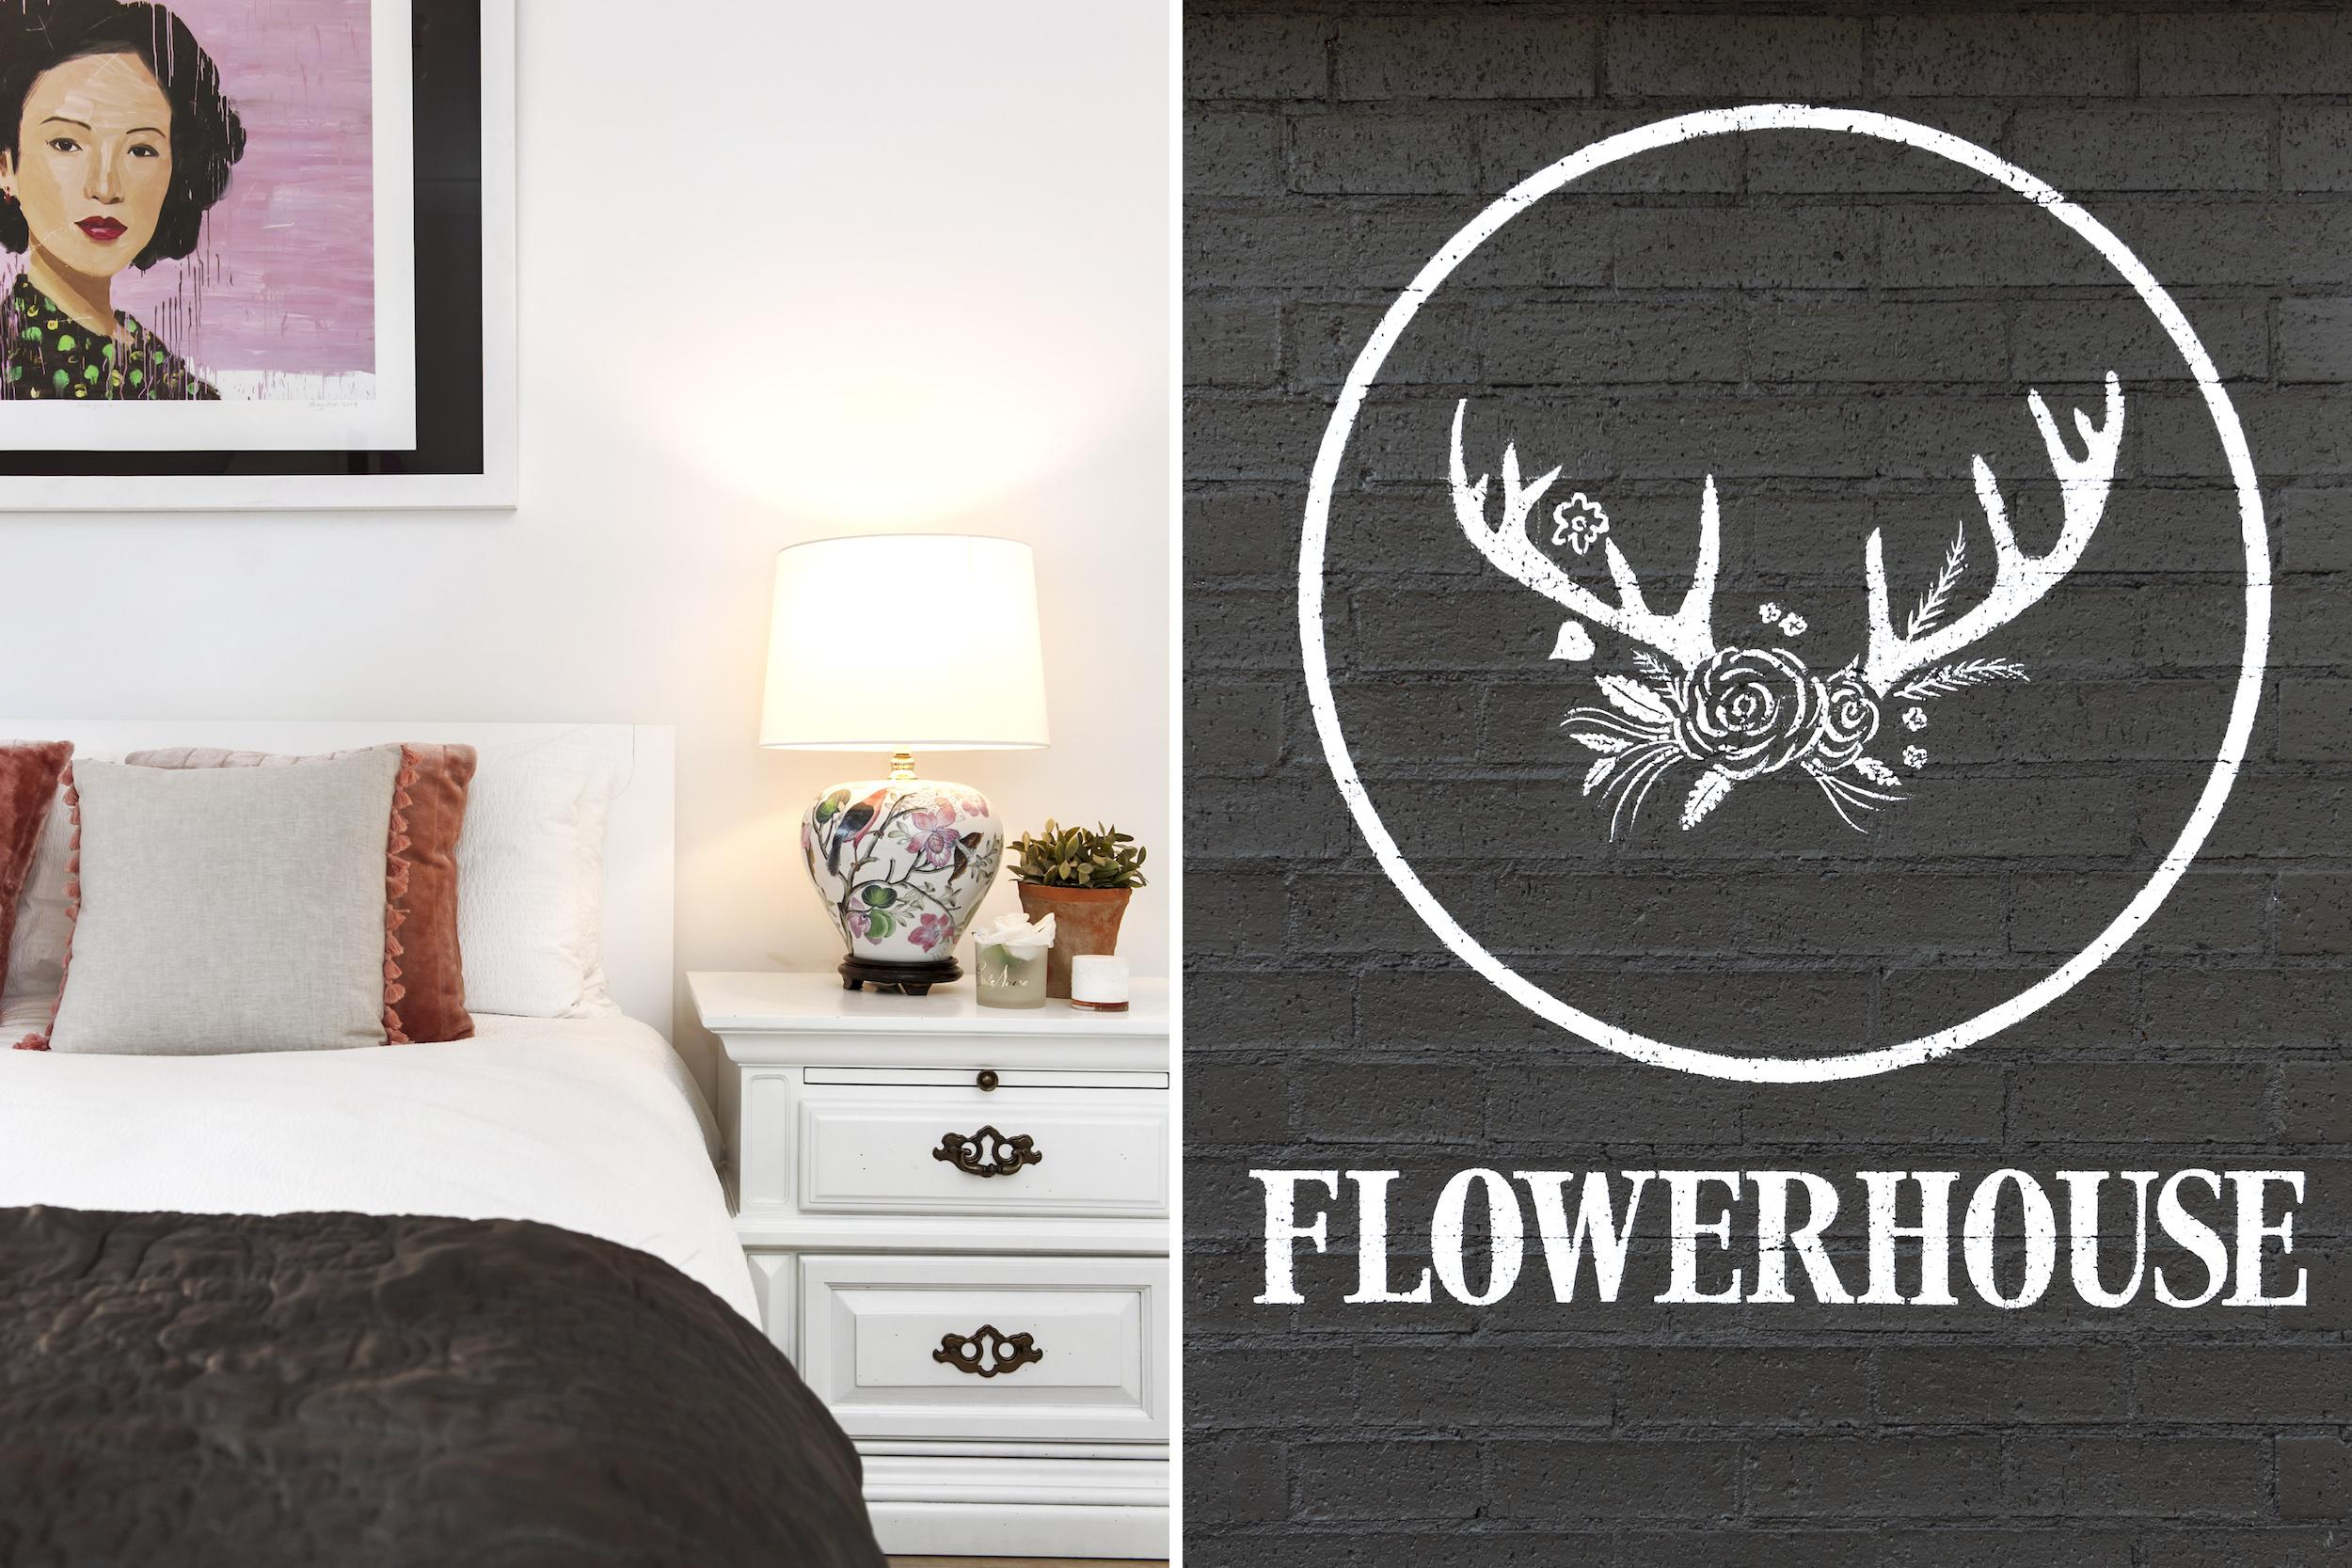 flowerhousedoordetail3